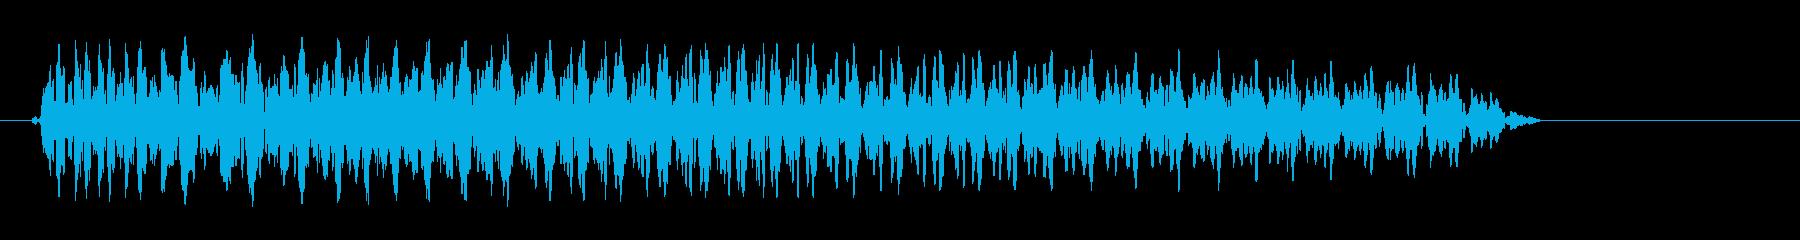 ビョーン(光線中の音)の再生済みの波形